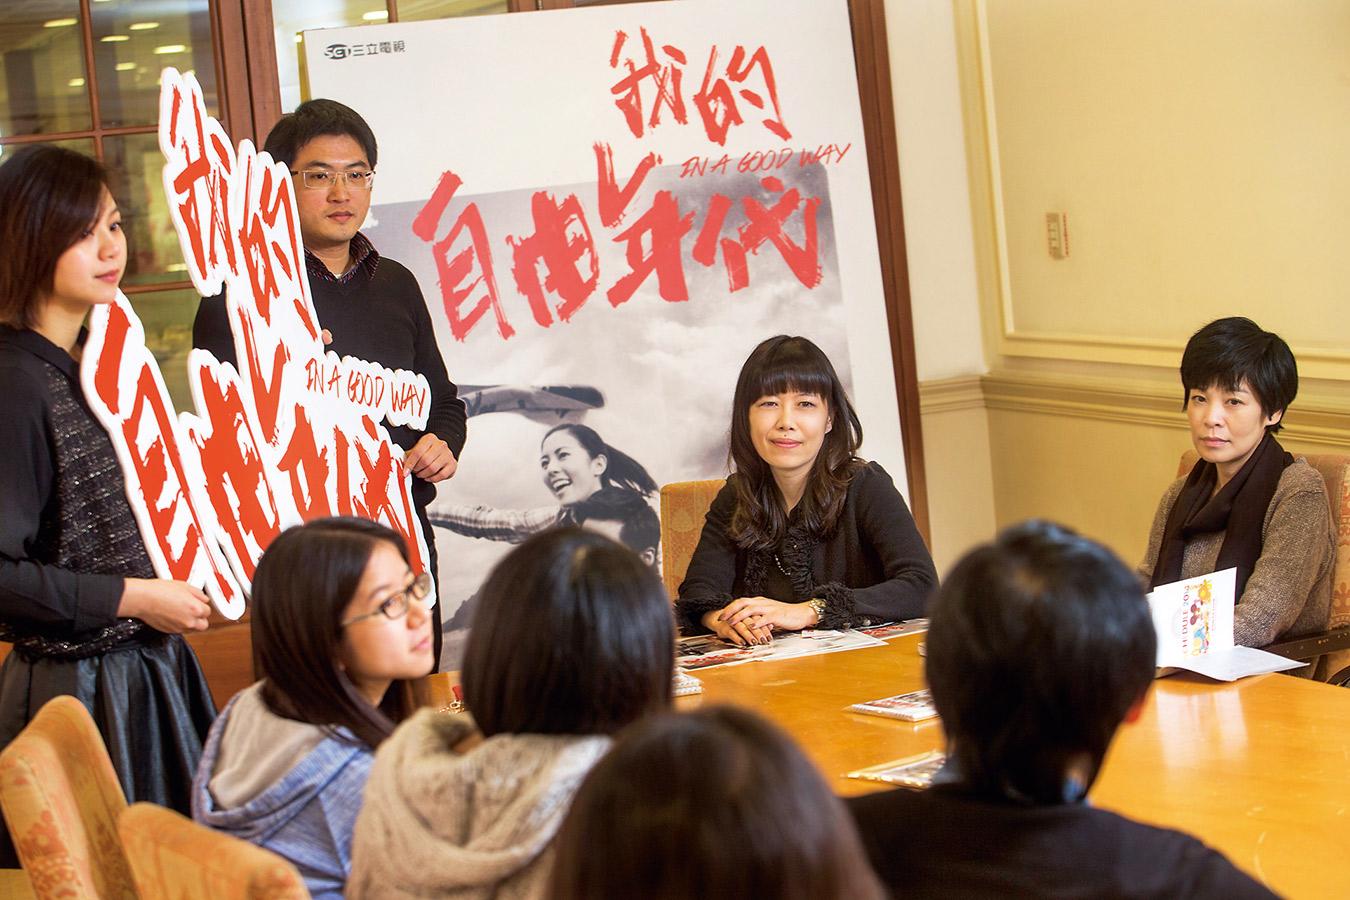 張正芬(右二)總能靠著觸動人心的行銷策略,替戲劇畫龍點睛。